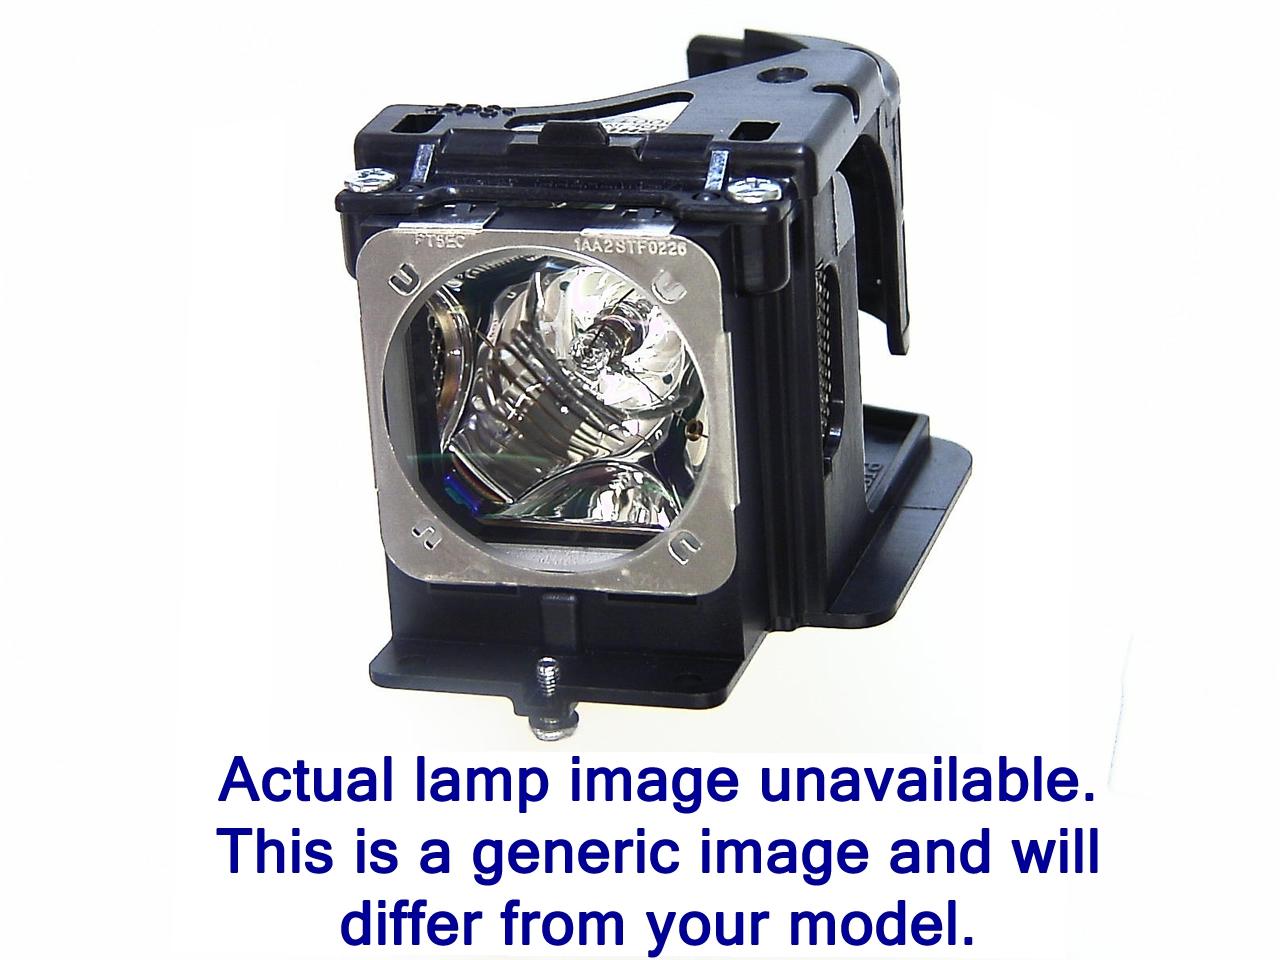 Smart Versión 2 Lámpara - Comprobar Número de Serie For CHRISTIE VIVID LX25 (Brown connector) Proyector.